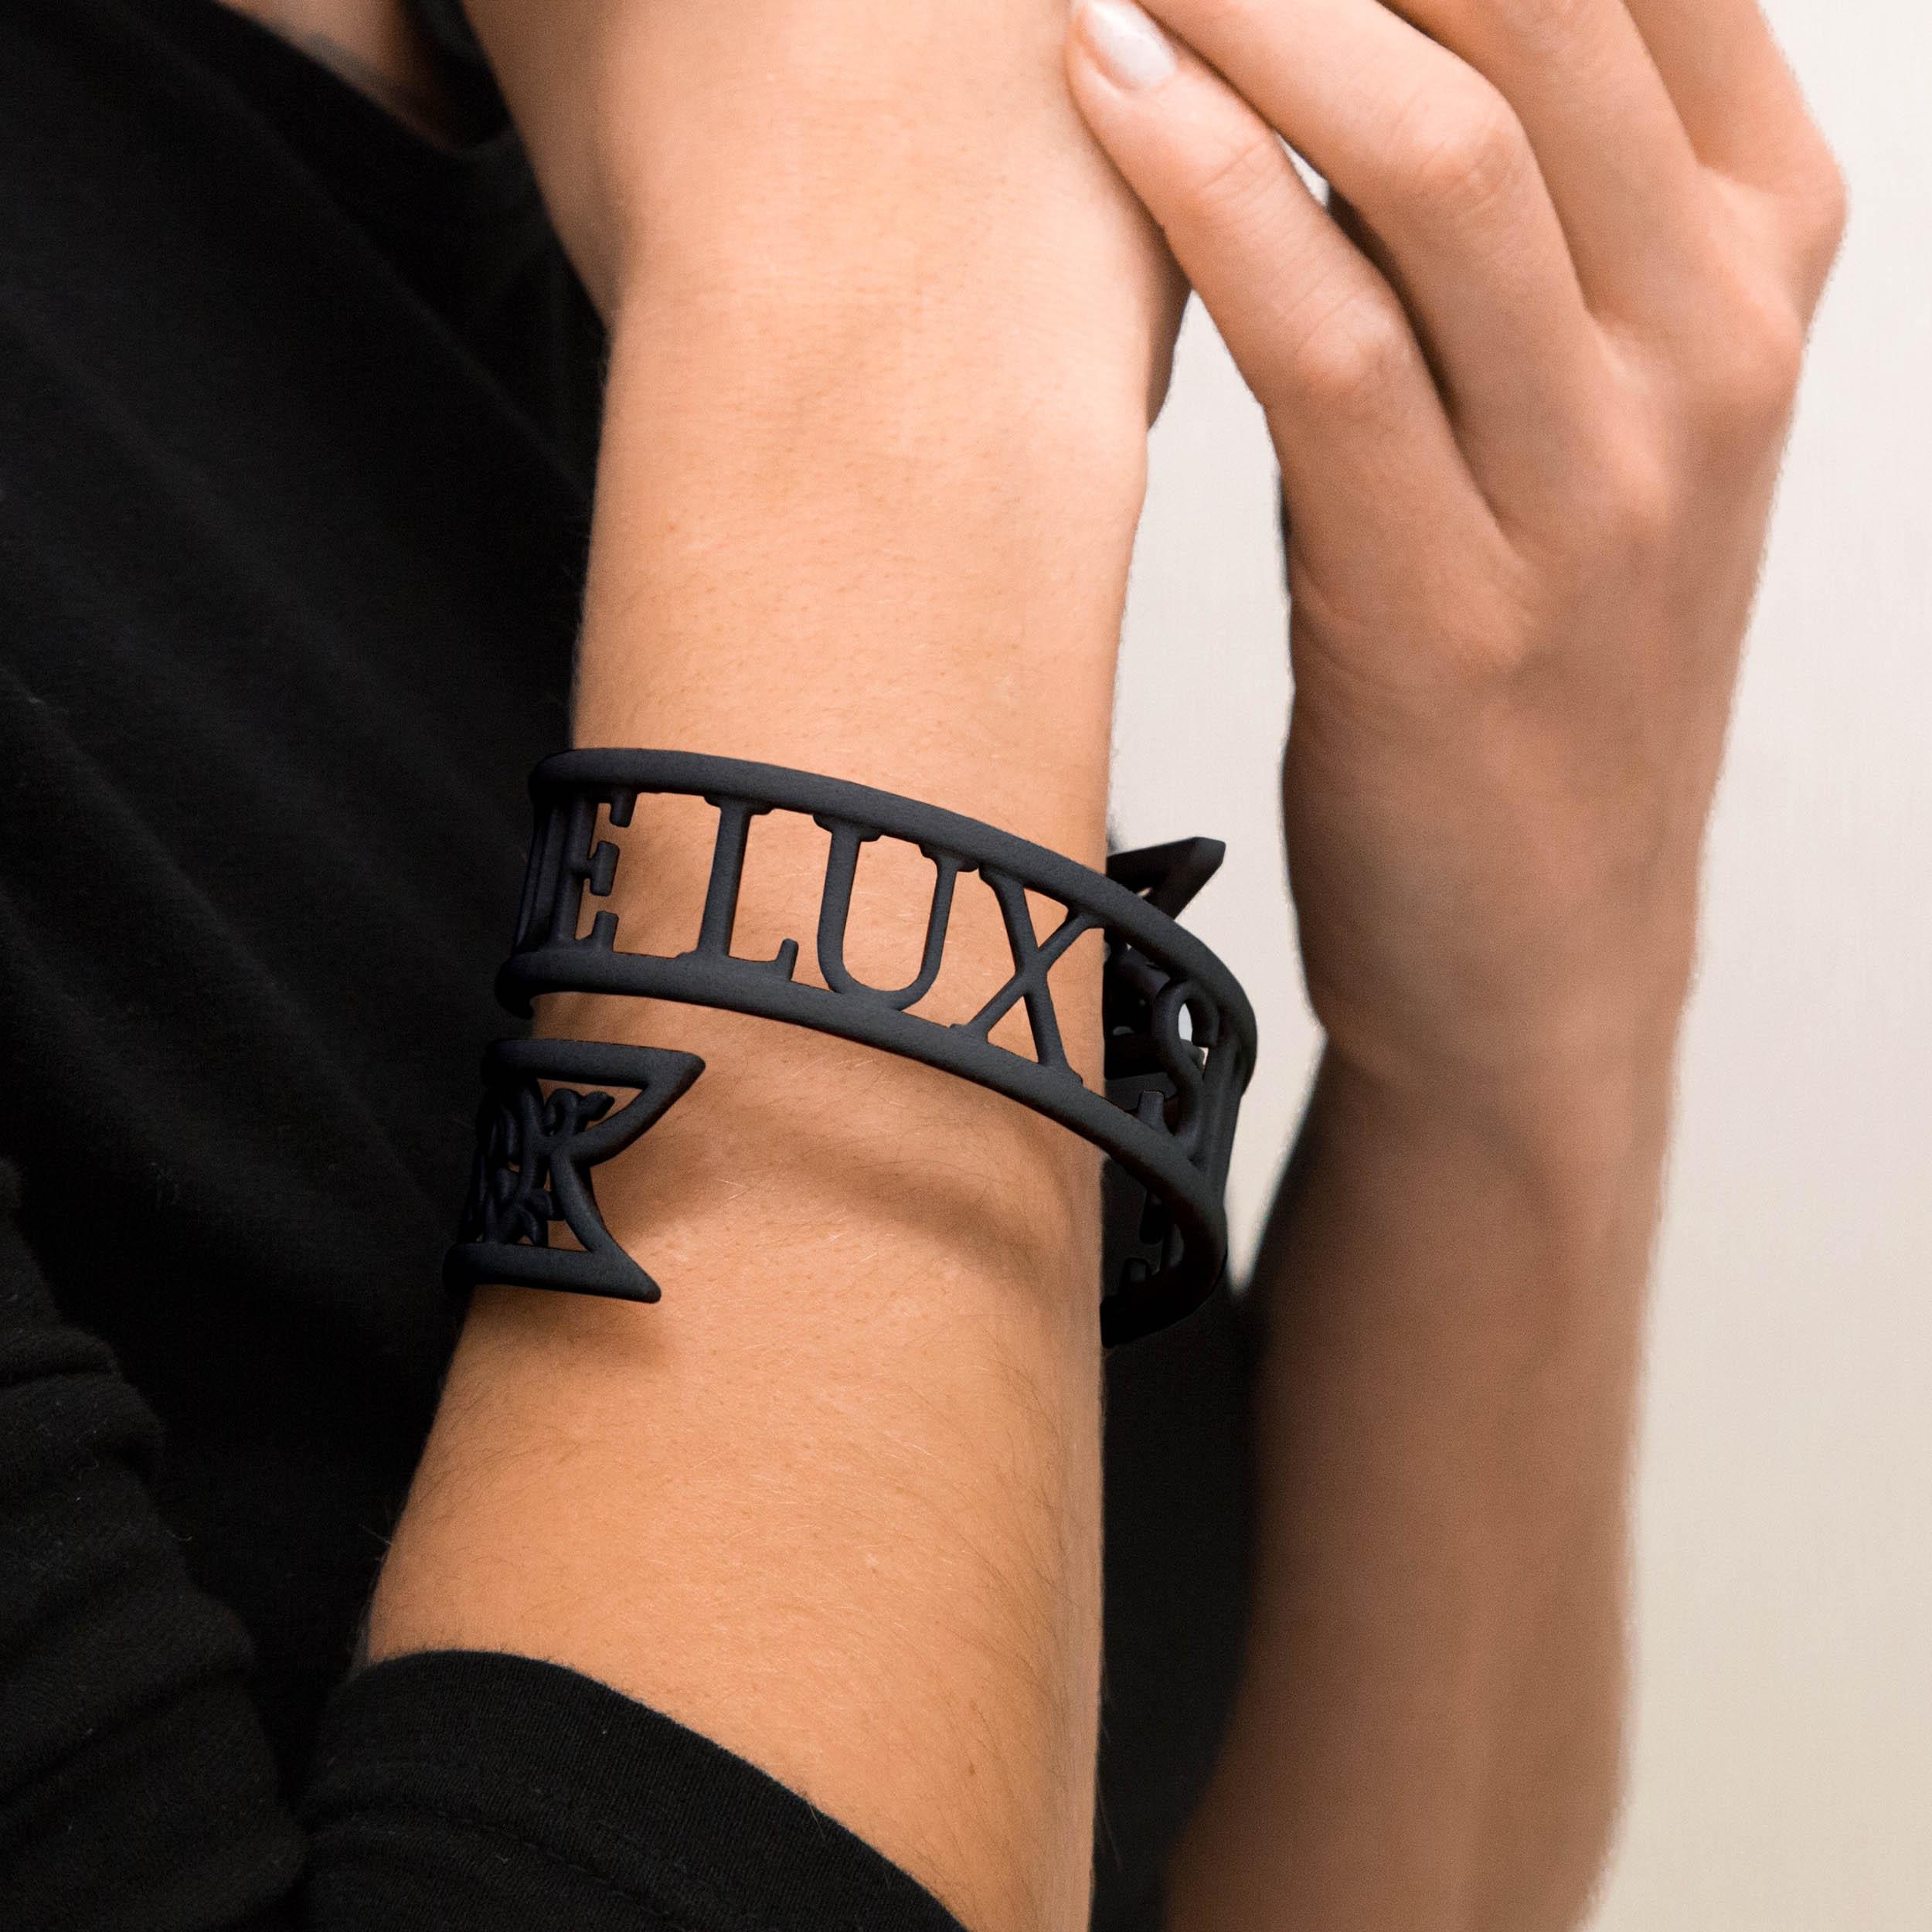 sn-10045880 2 Victoria Contreras Flores - Neque Lux Sine Umbra - Bracelet_black